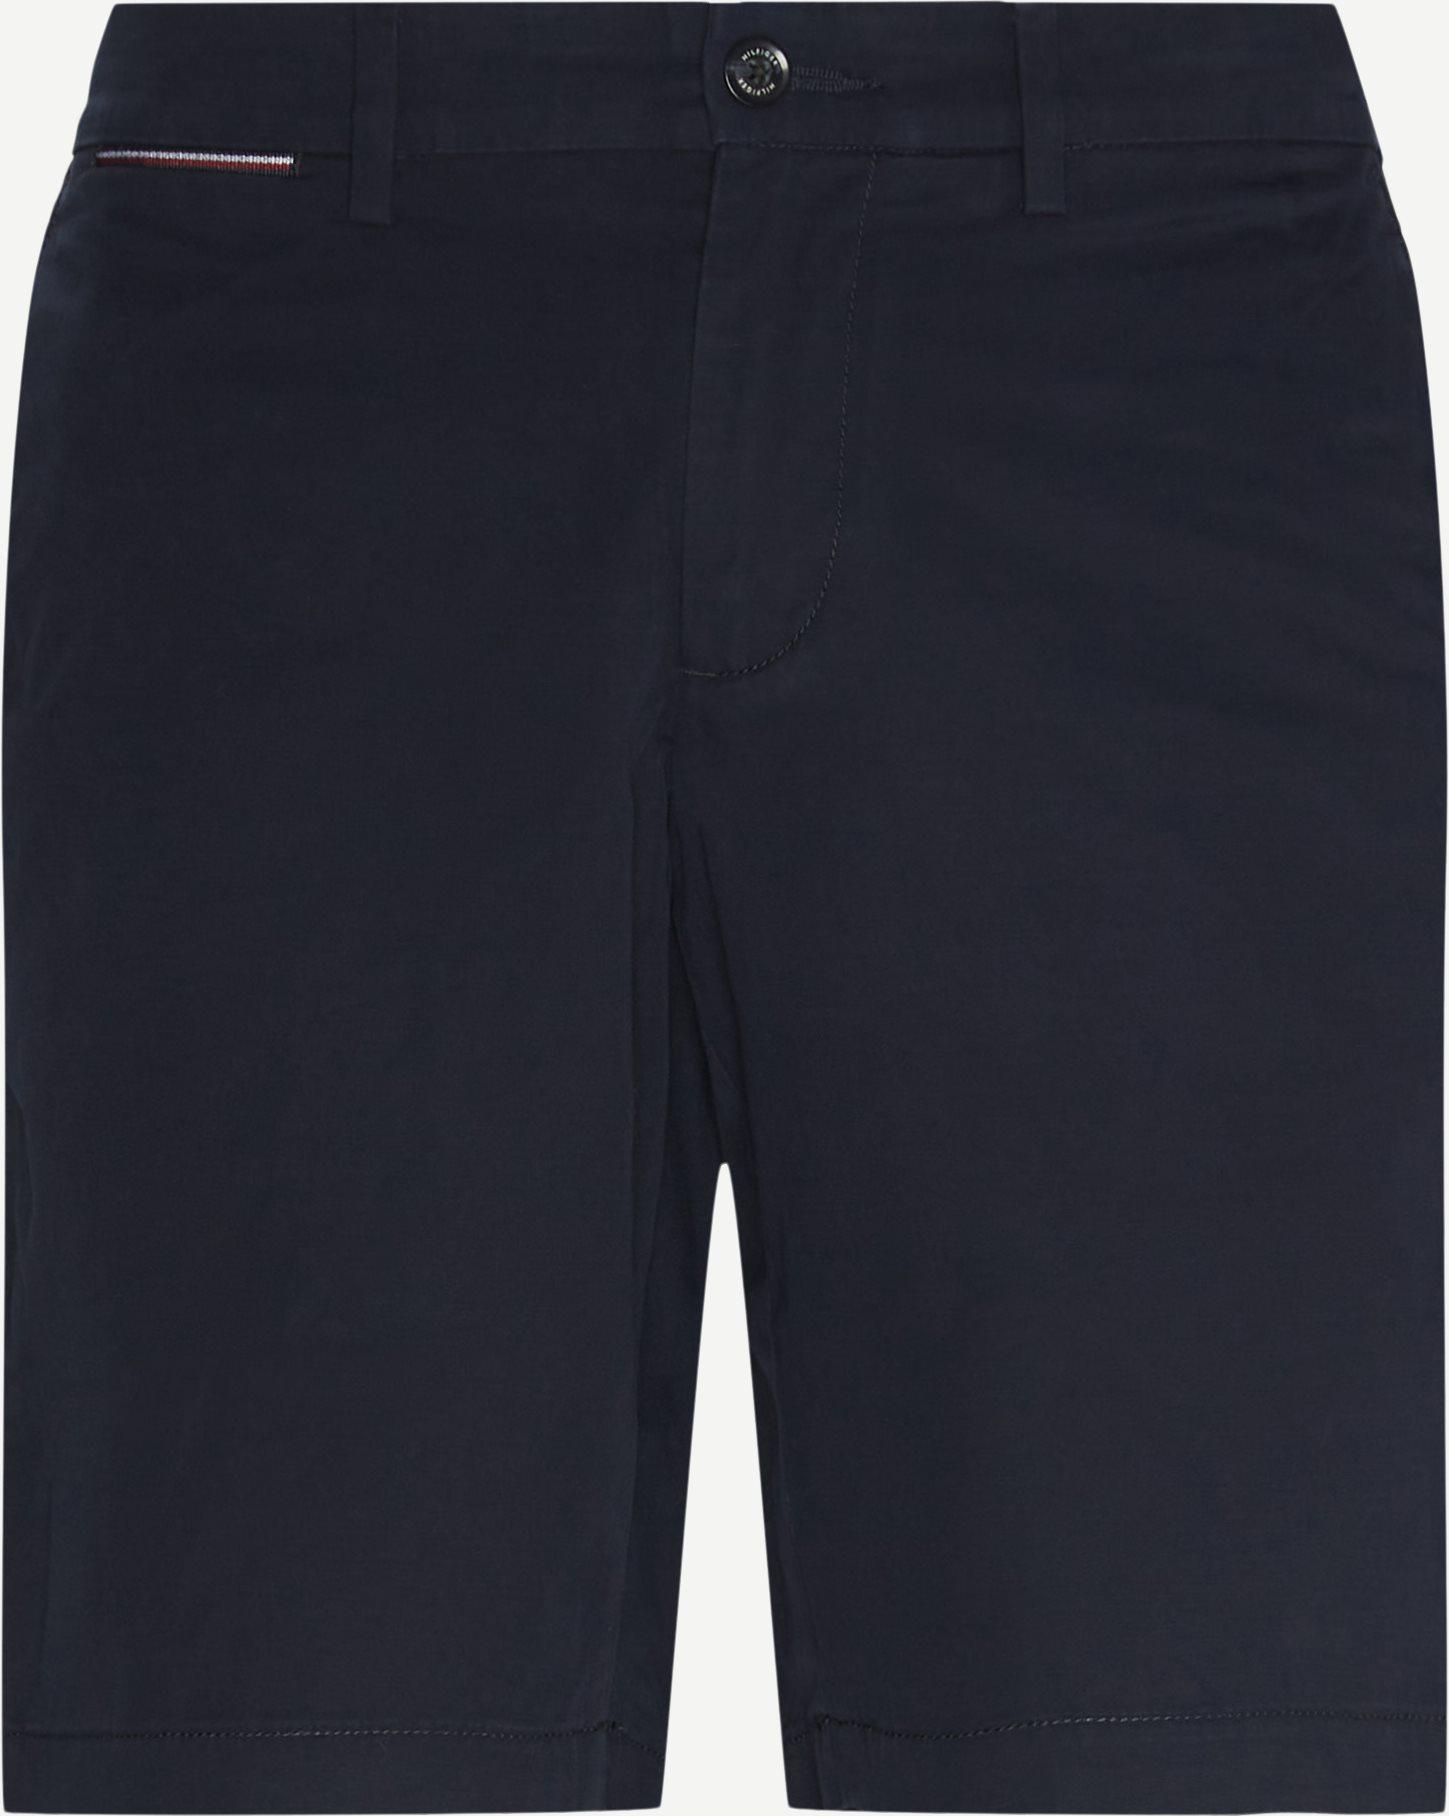 Brooklyn Short Light Shorts - Shorts - Regular fit - Blå